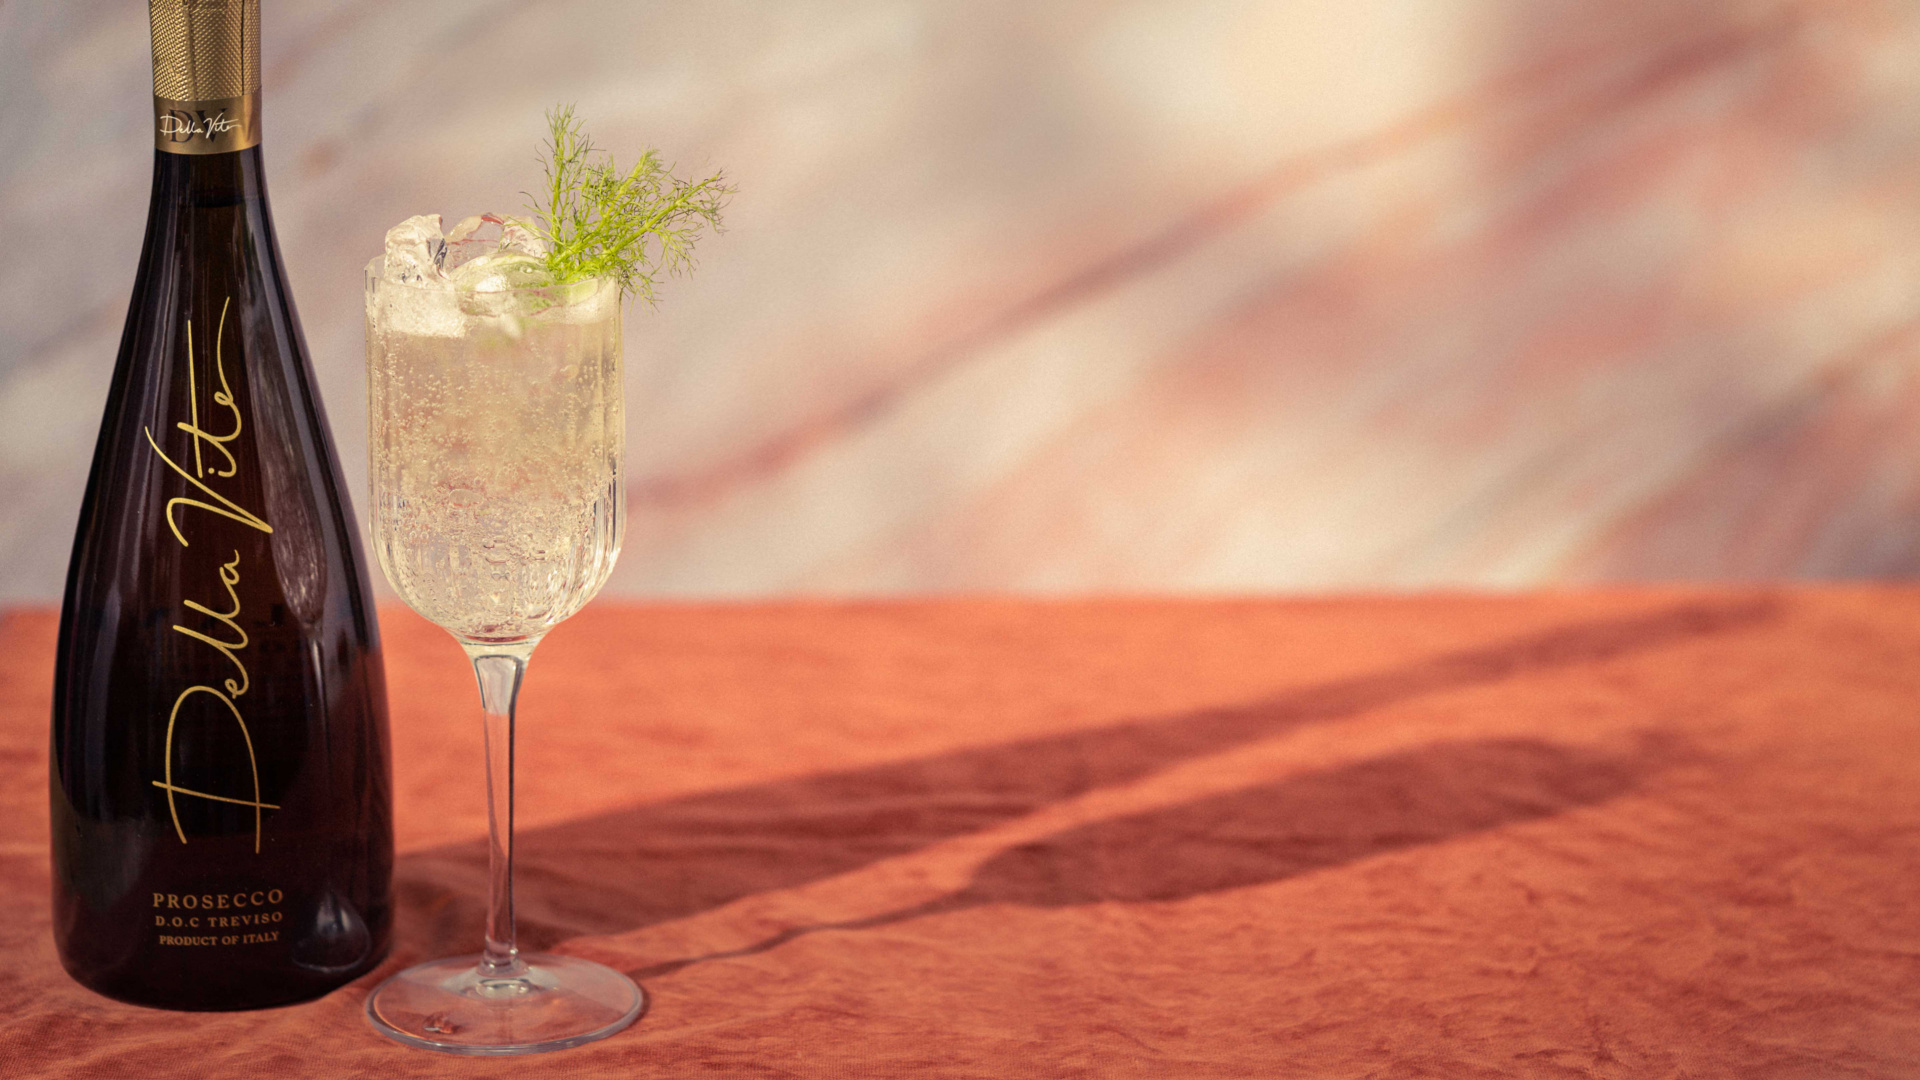 Della Vite hugo prosecco cocktail with fennel